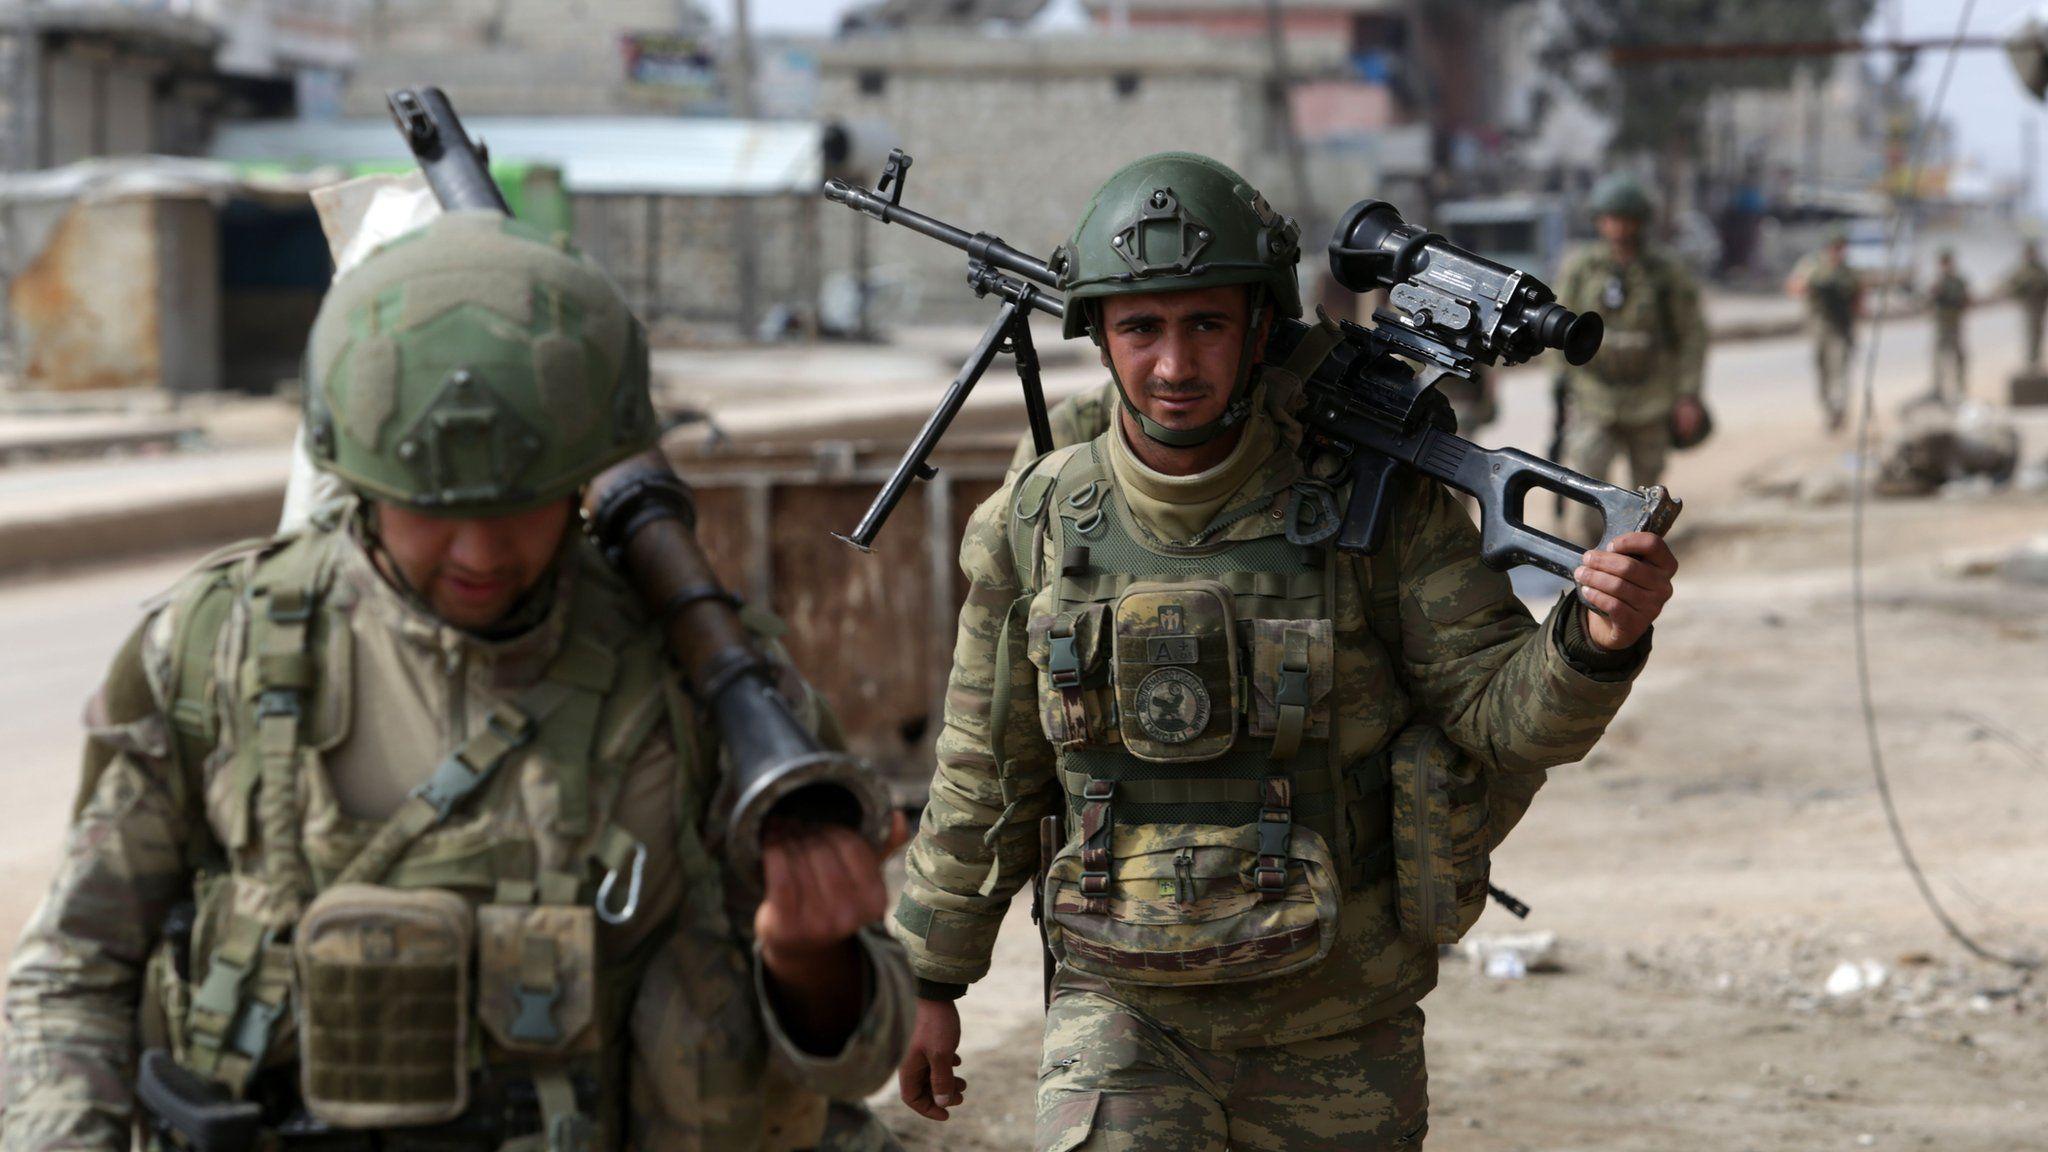 صورة التدخل التركي في سوريا أنهى أحلام الأسد وبوتين